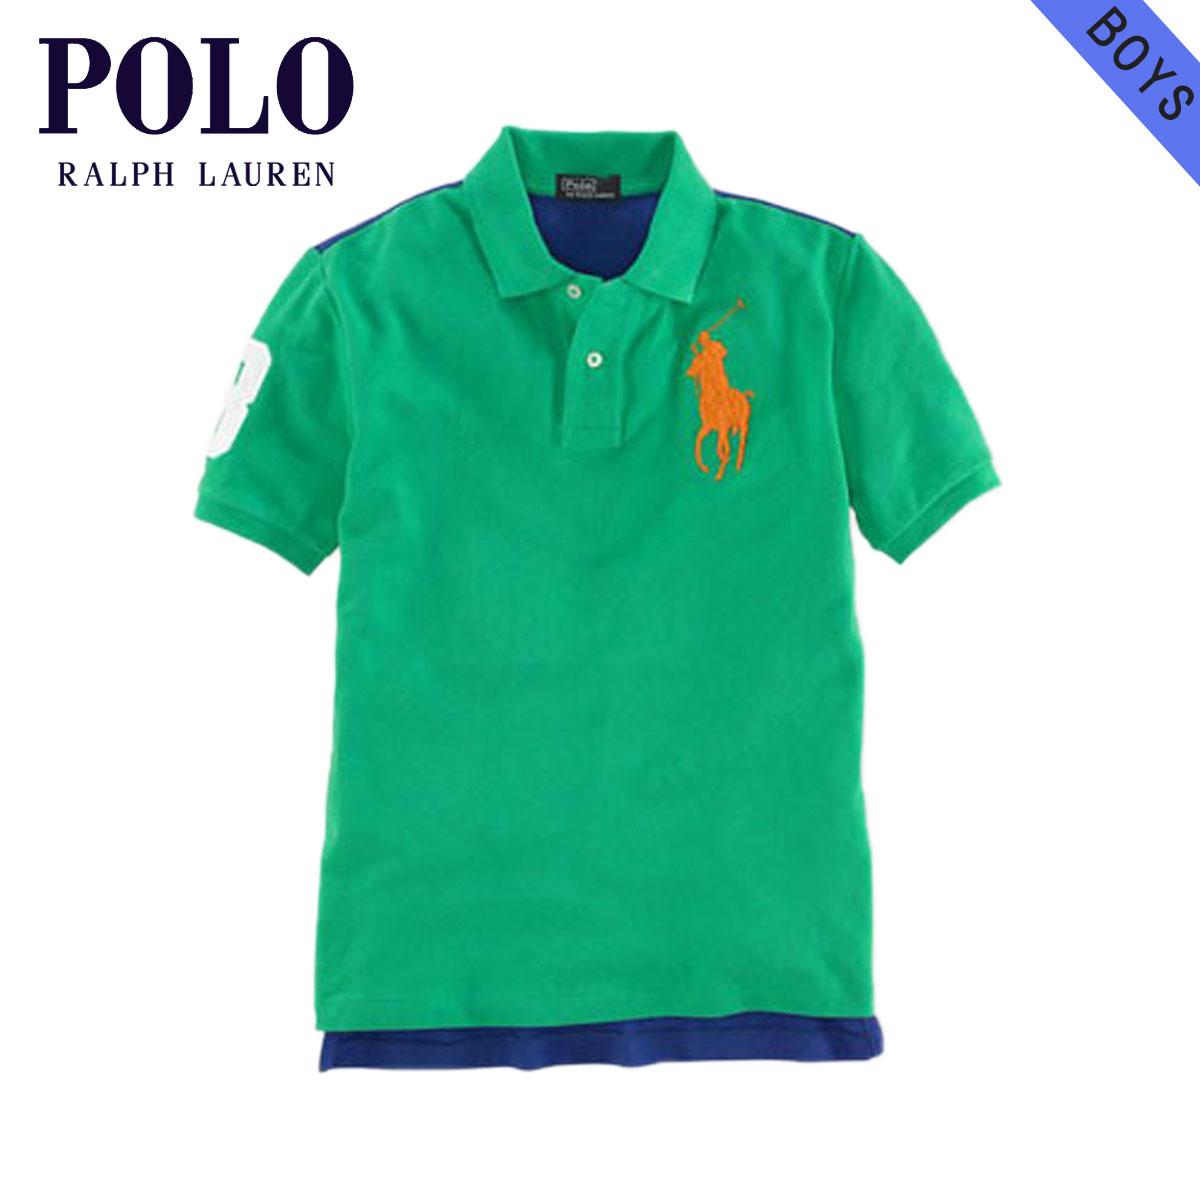 ba6441a0678a Polo Ralph Lauren kids POLO RALPH LAUREN CHILDREN regular article children s  clothes Boys polo shirt Big Pony Mesh Polo  18121236 GREEN D20S30